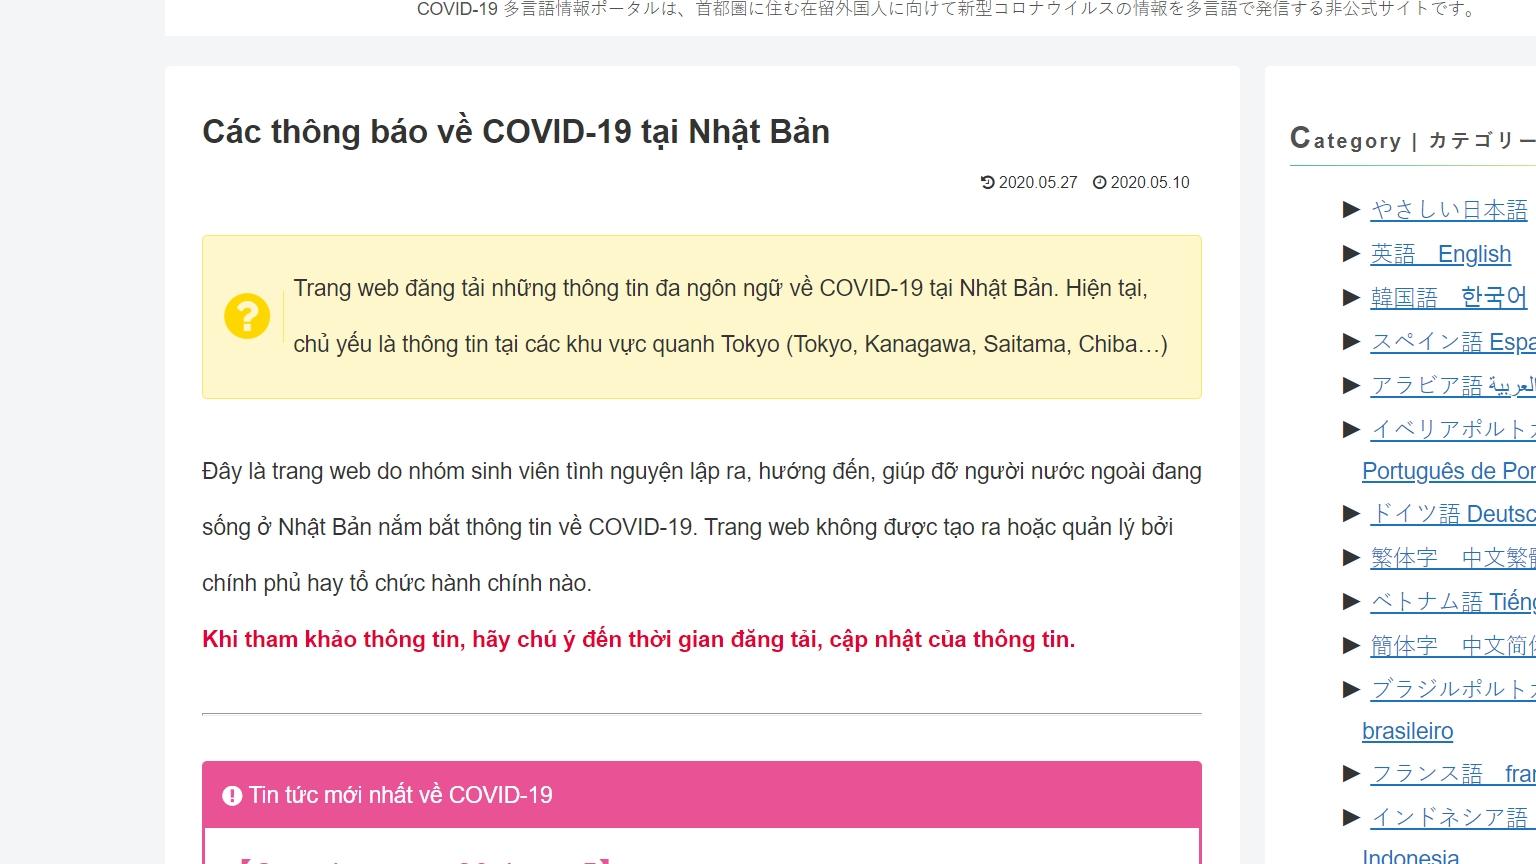 Ra mắt website hỗ trợ người nước ngoài về COVID-19 của nhóm sinh viên Việt Nam tại Nhật Bản